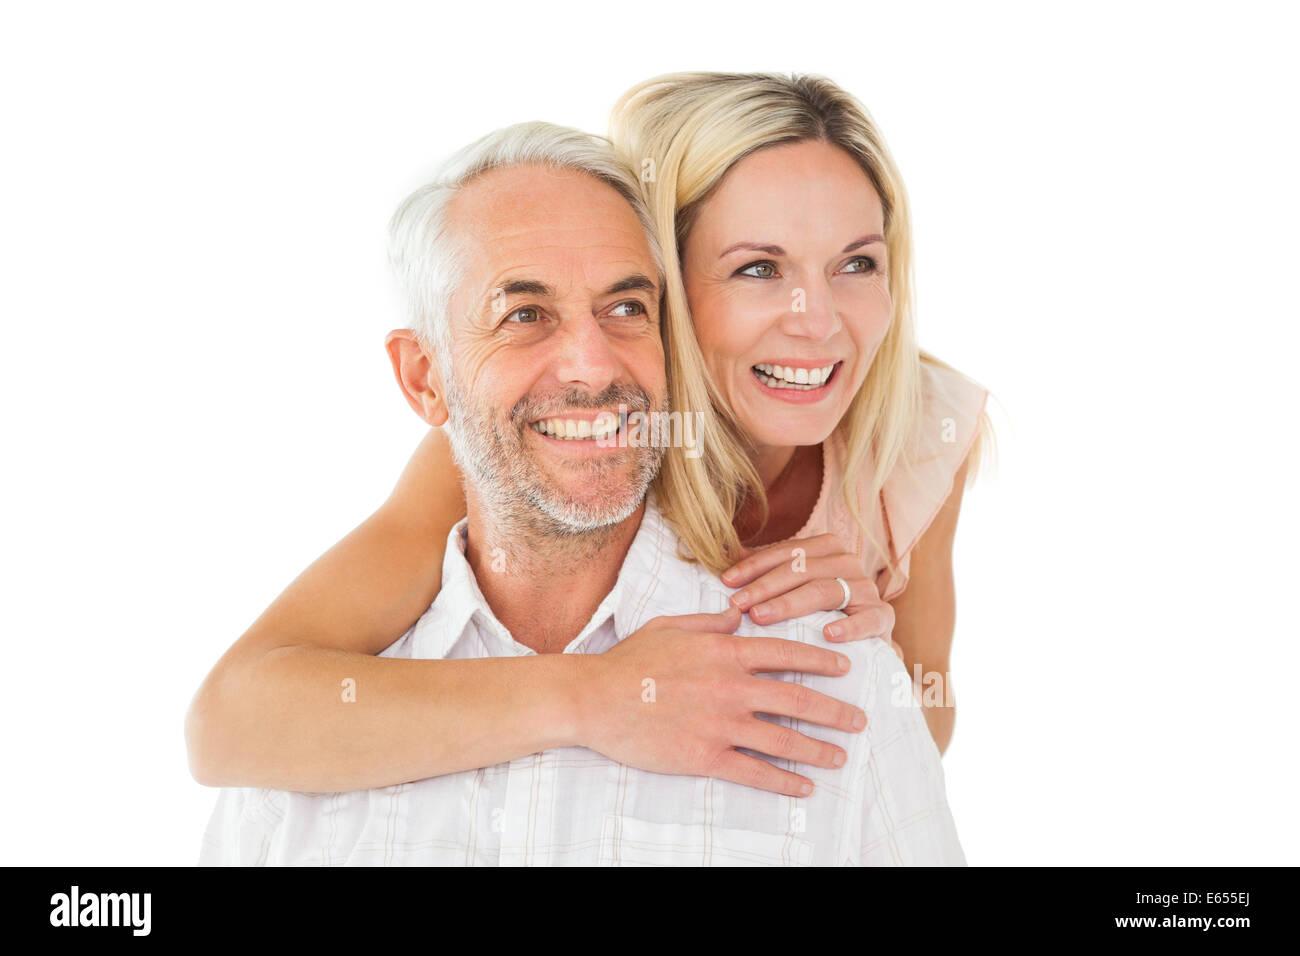 Heureux homme donnant à son partenaire un piggy back Photo Stock